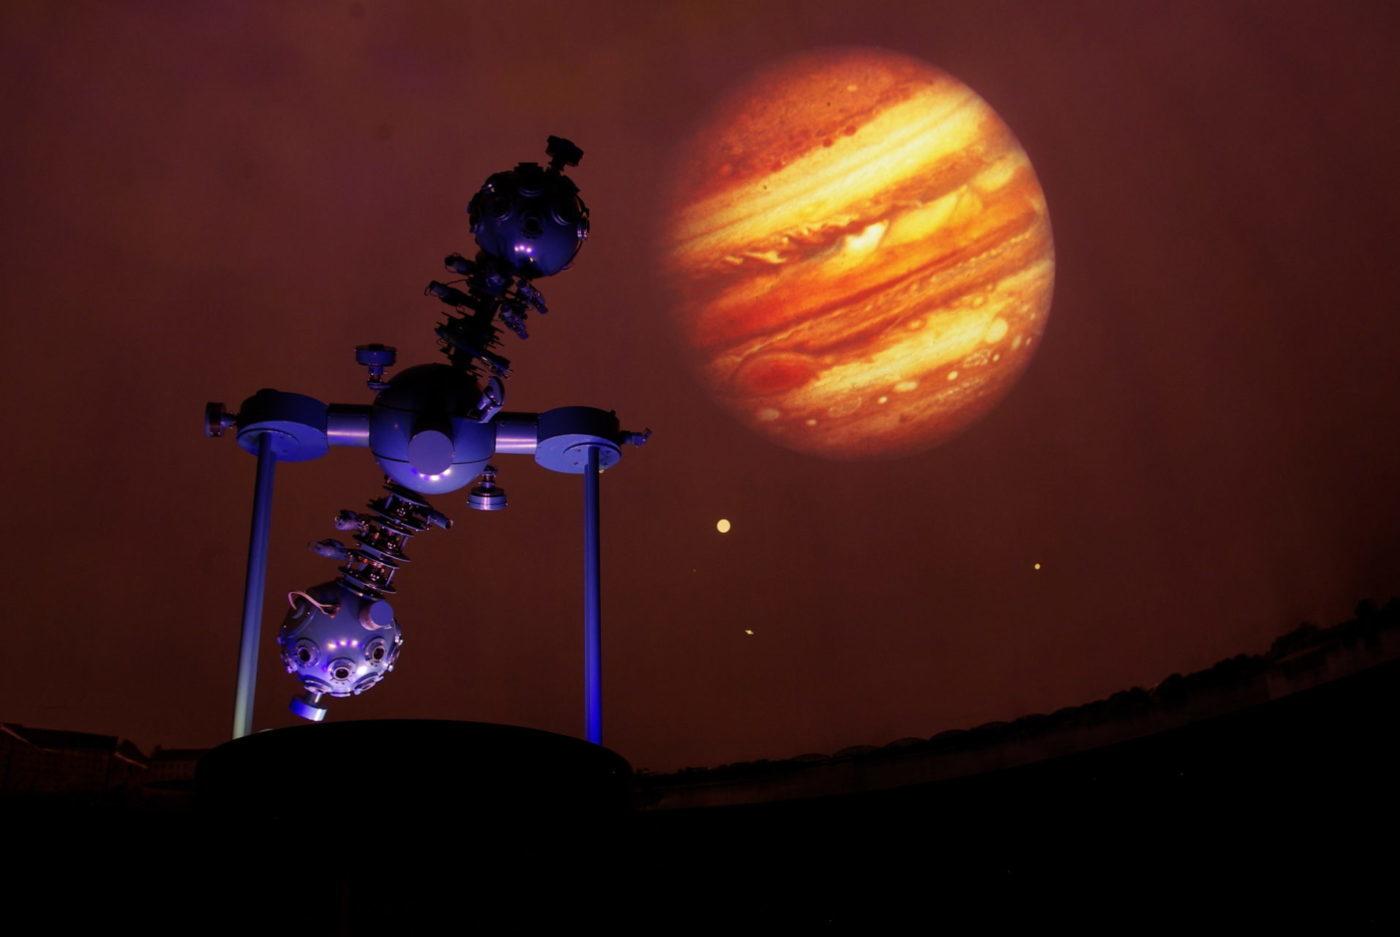 Obserwatoria astronomiczne iplanetaria wPolsce. 11miejsc zwidokiem nagwiazdy